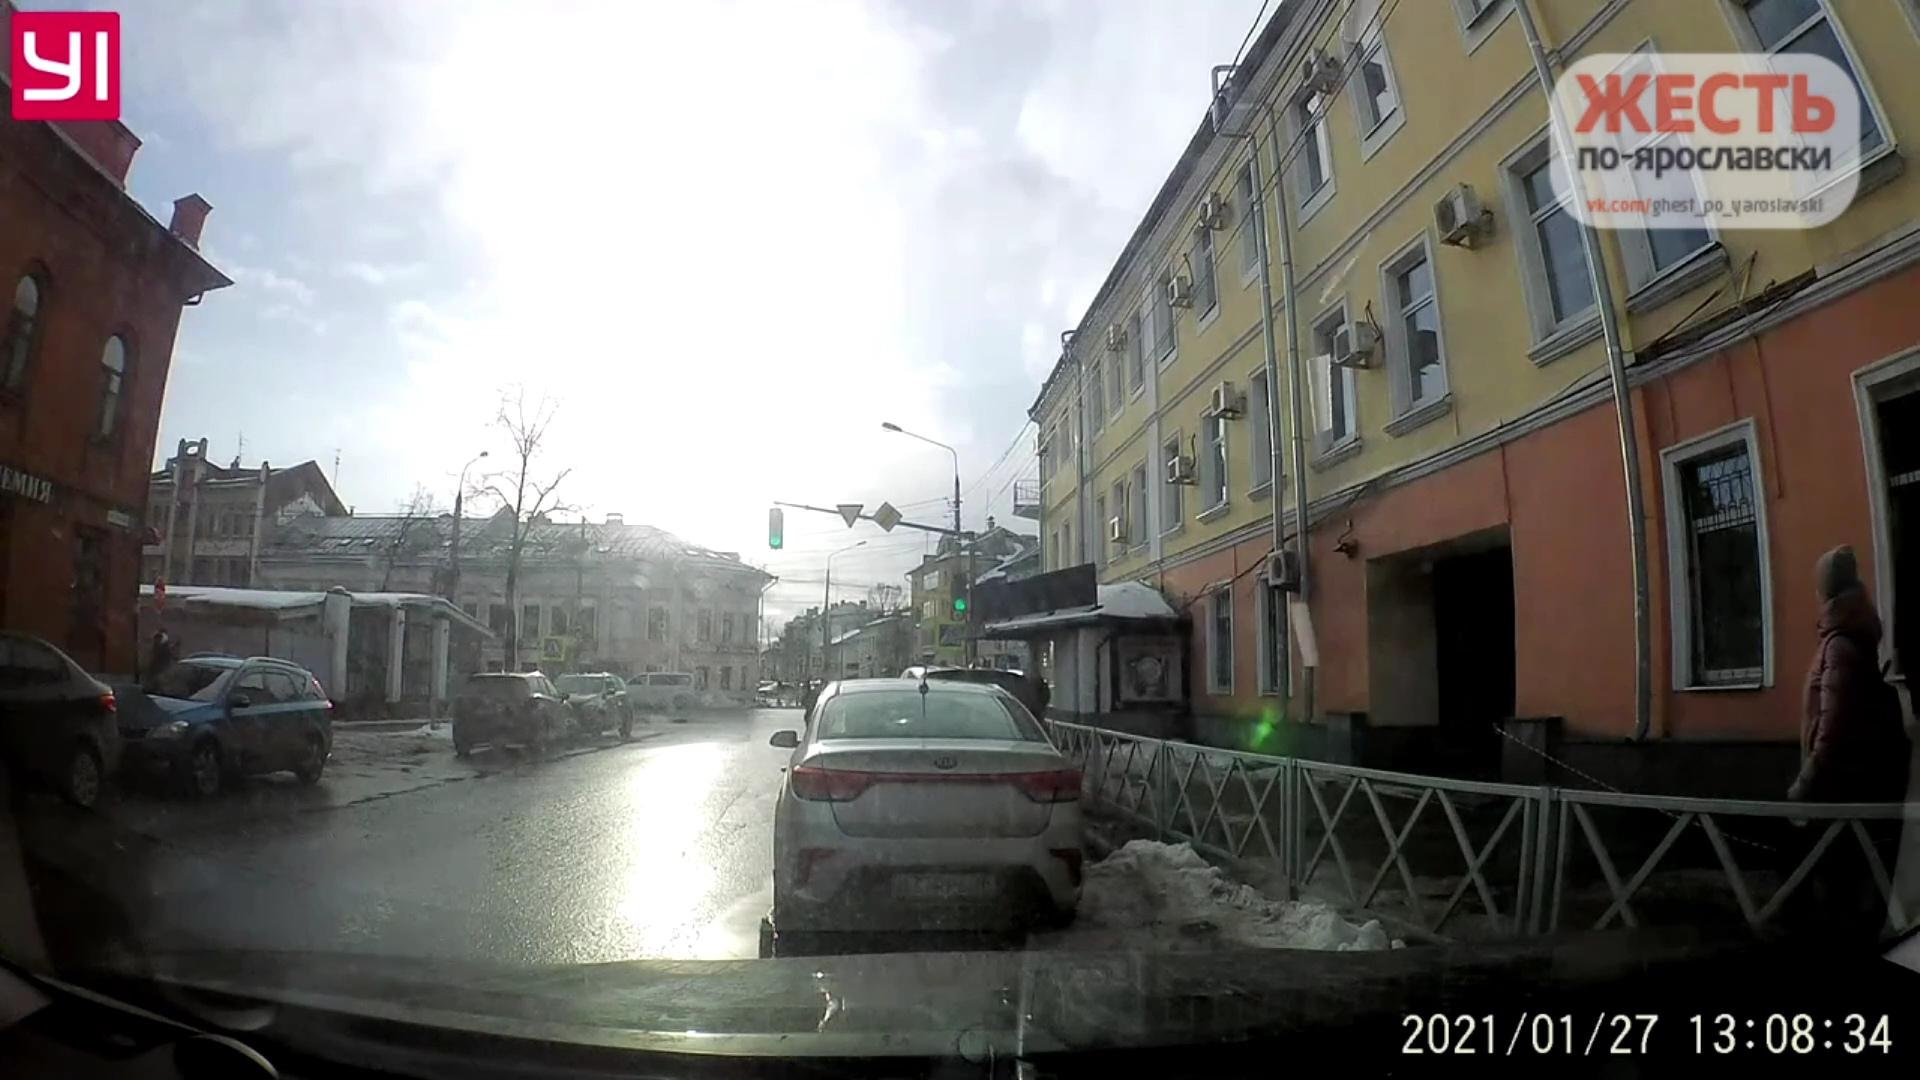 В сети появилось видео, как глыба льда упала на тротуар рядом с прохожими в центре Ярославля